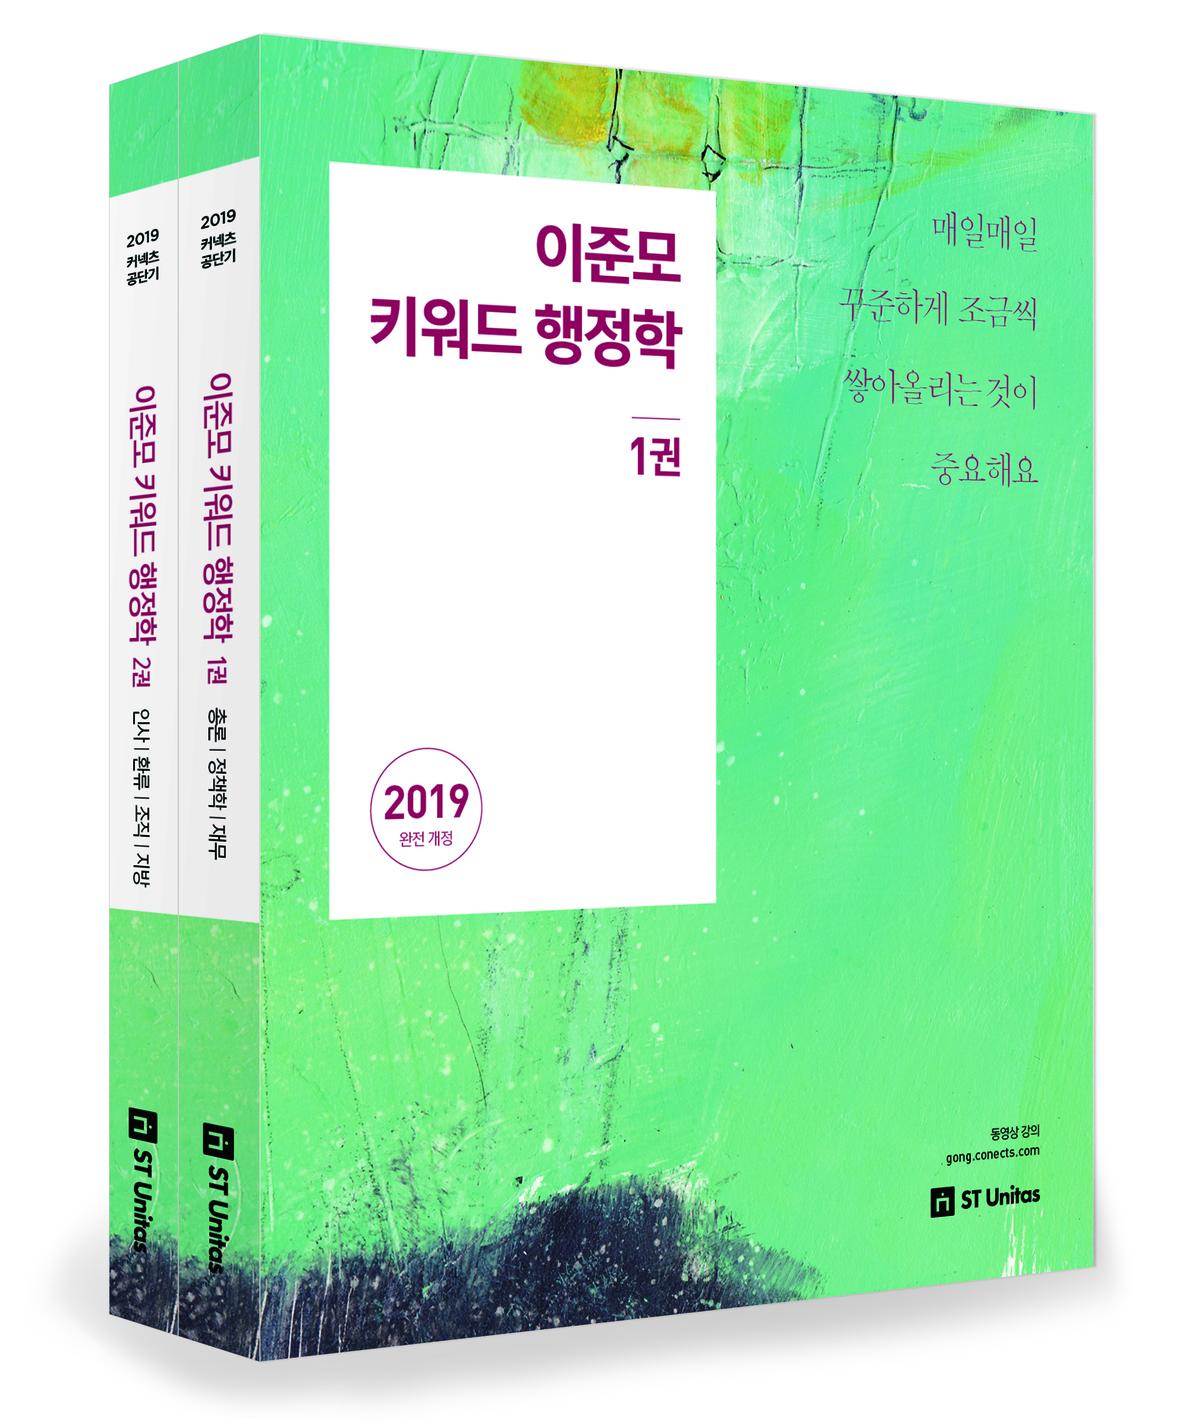 2019 이준모 키워드 행정학 기본서